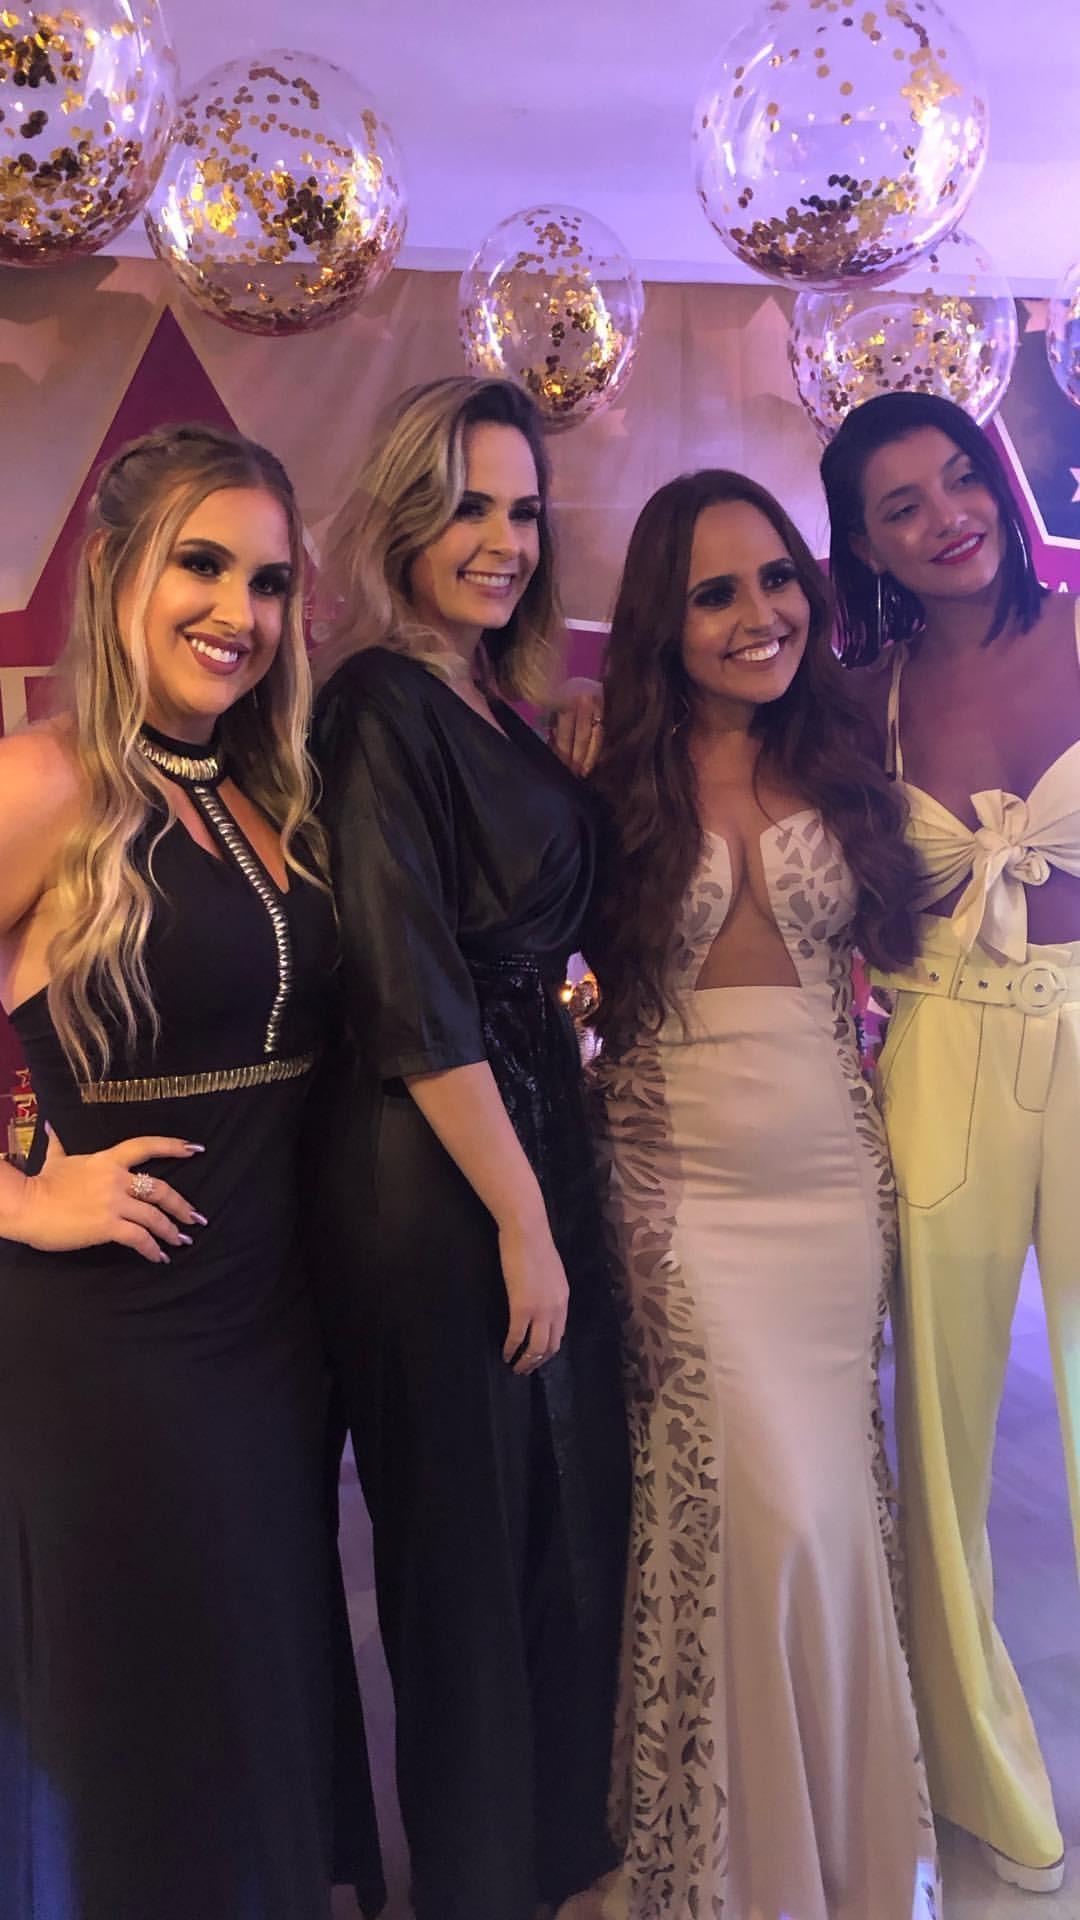 Patricia Leitte, Ana Paula Renault, Perlla e Gabrielle Prado  (Foto: Reprodução)